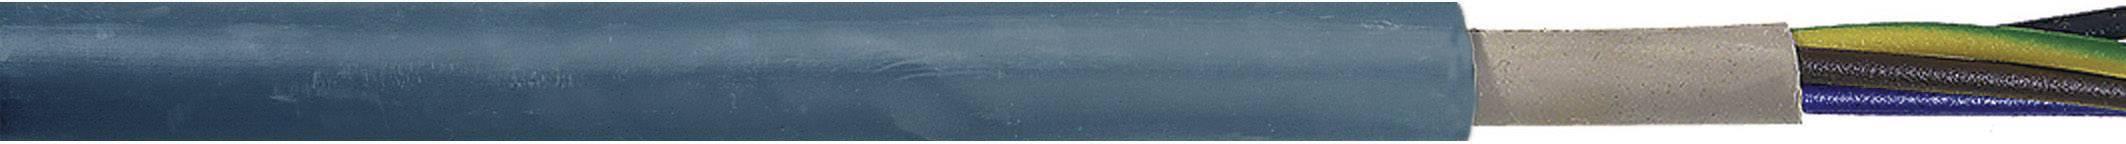 Zemný kábel LappKabel NYY-J 15500103, 3 x 2.50 mm², metrový tovar, čierna